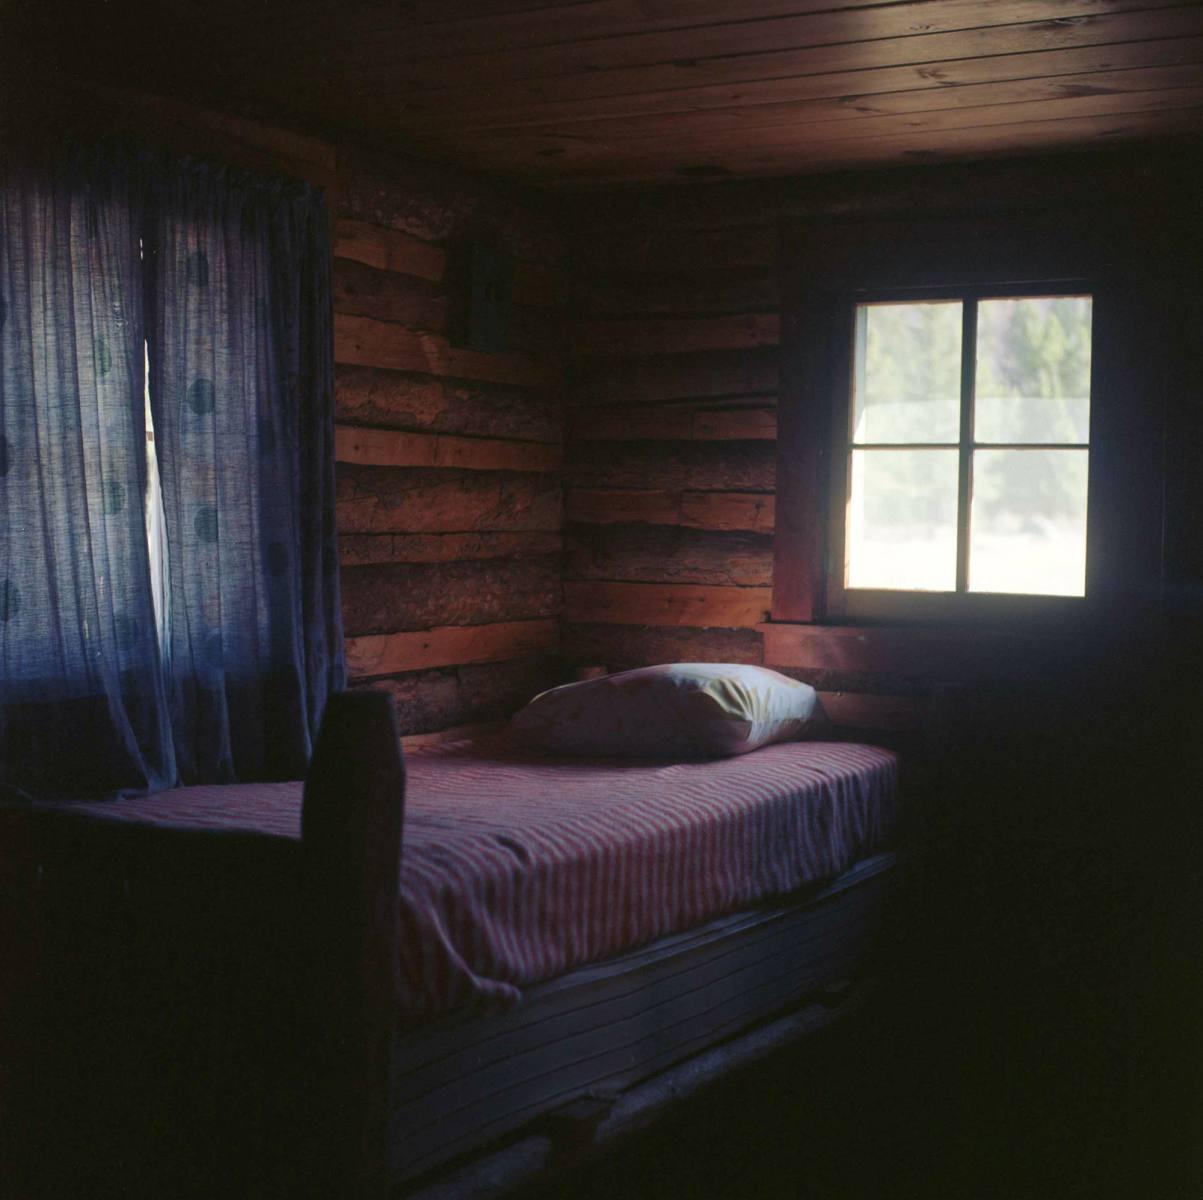 03-cabinbed